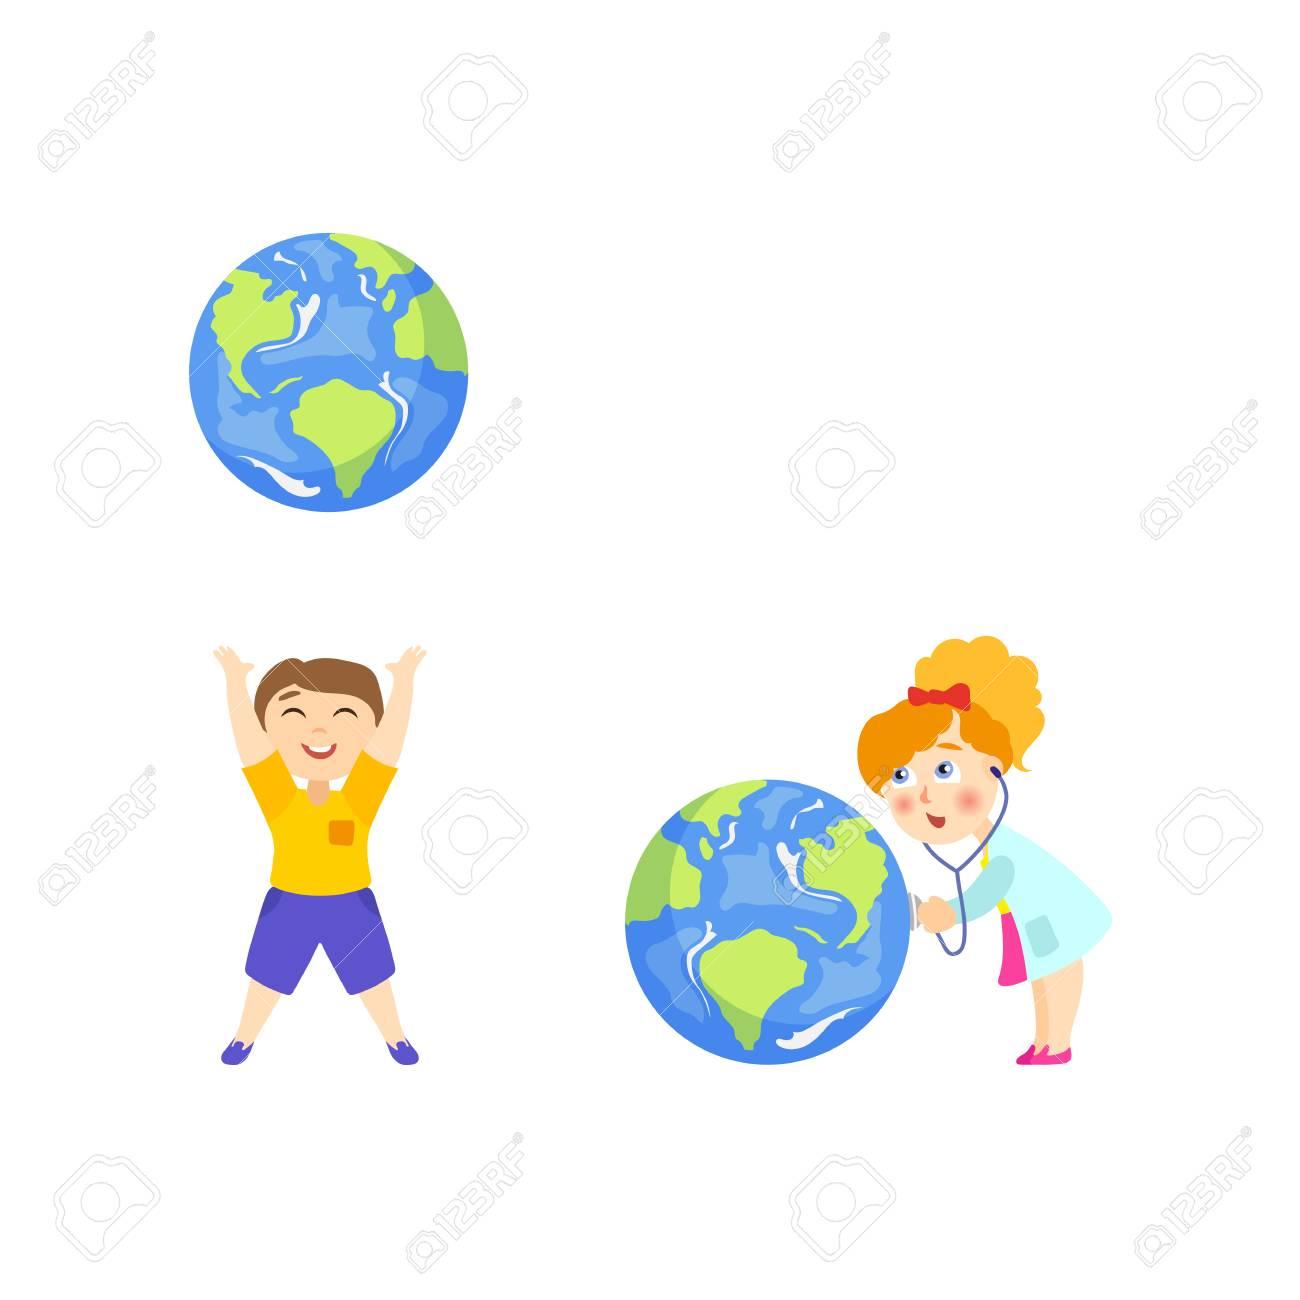 Garçon Jetant Le Gros Globe Vers Le Haut Fille En Manteau De Médecin En écoutant Le Coeur De La Planète Terre Illustration De Vecteur De Dessin